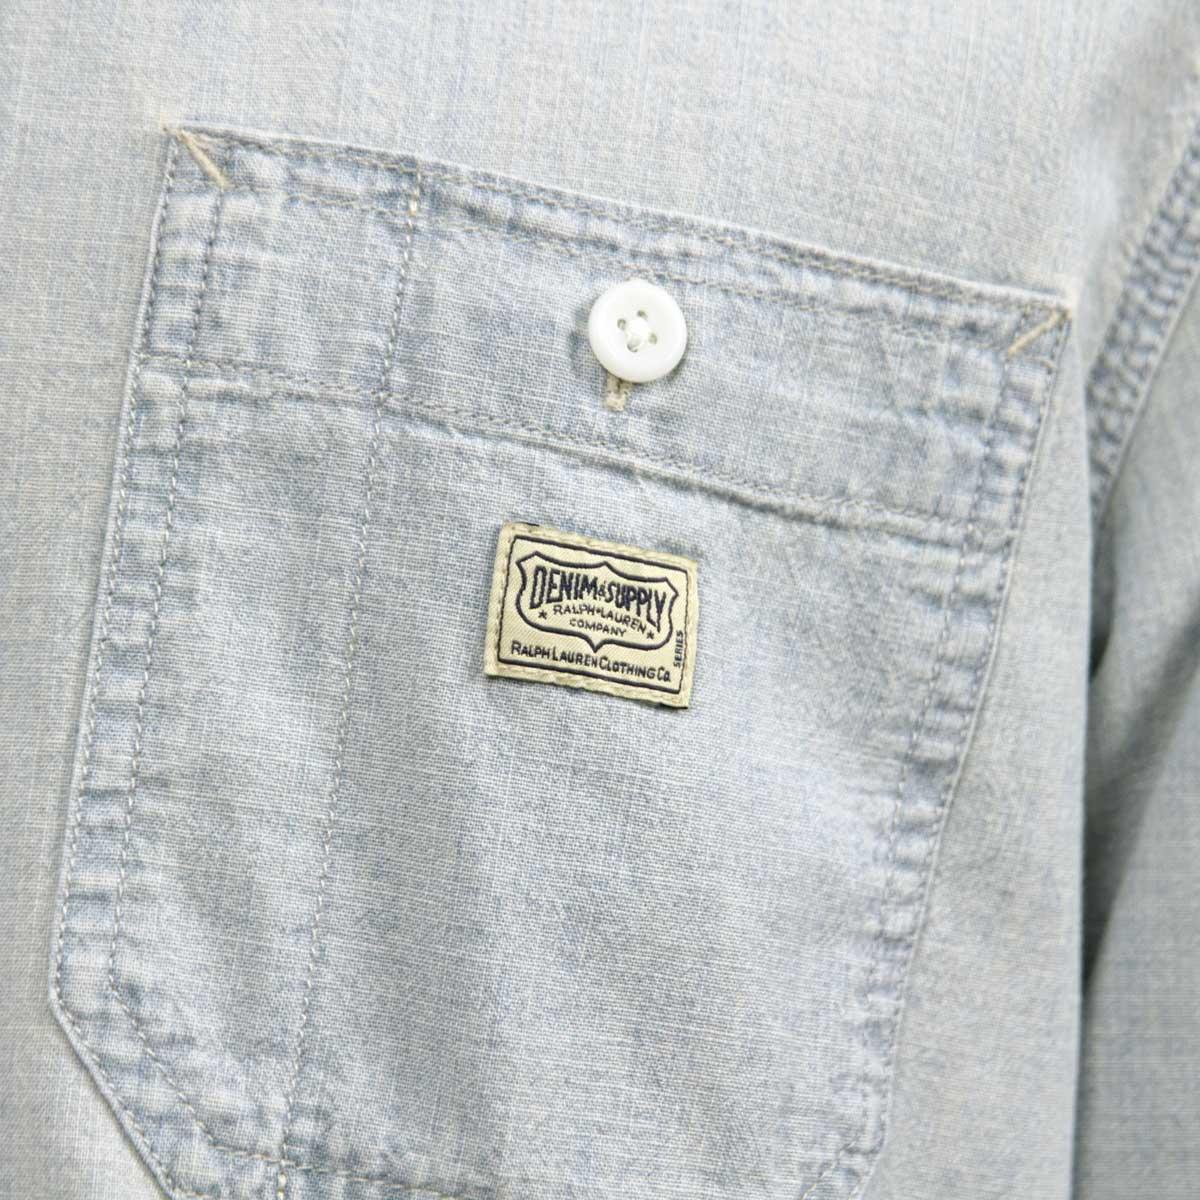 デニムアンドサプライラルフローレン DENIM&SUPPLY RALPH LAUREN 正規品 メンズ 長袖シャツ FLAG-PATCH CHAMBRAY WORKSHIRT